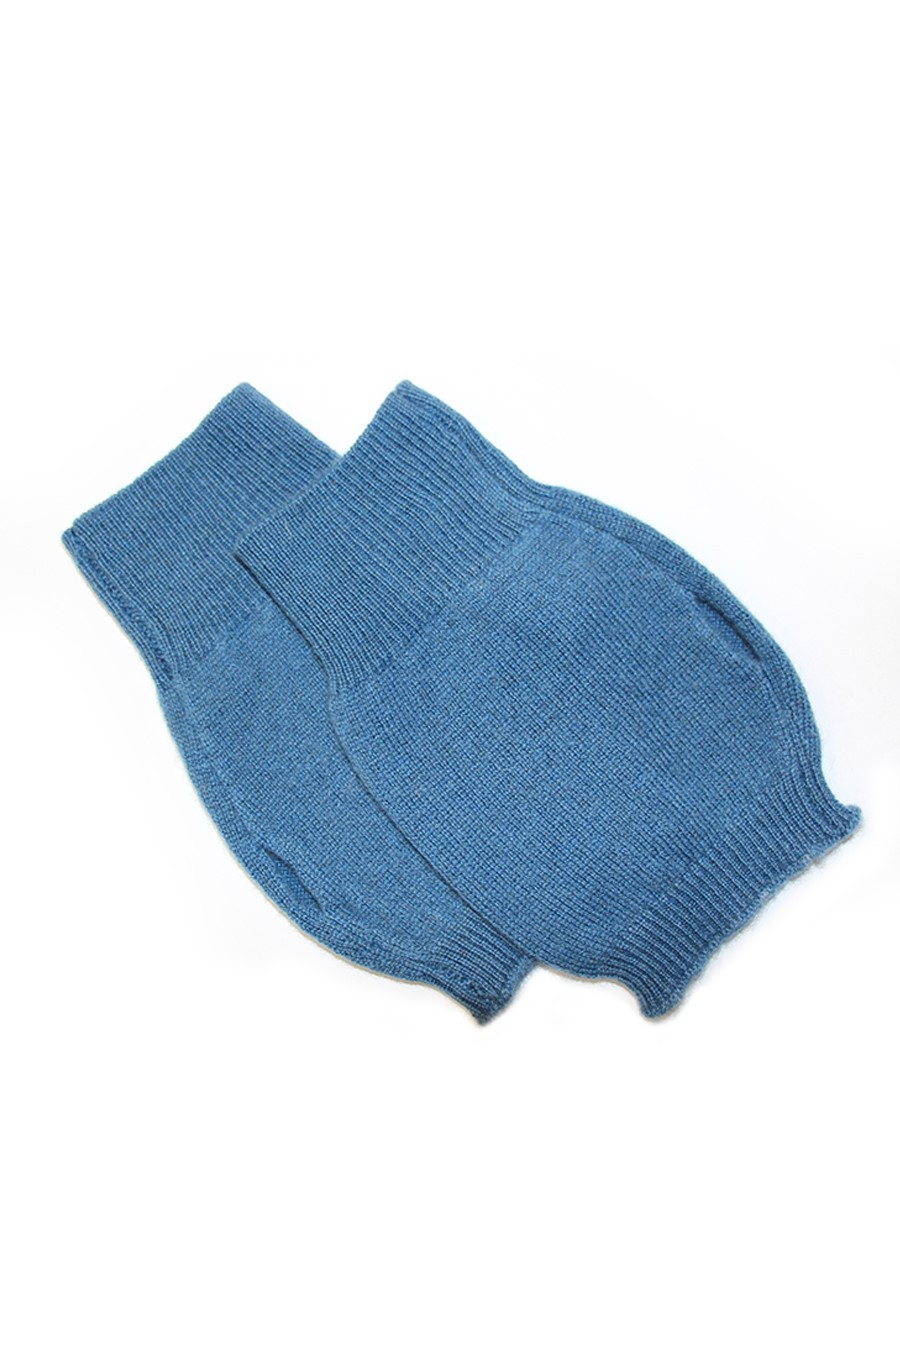 Mitaines GRINDA bleu canard